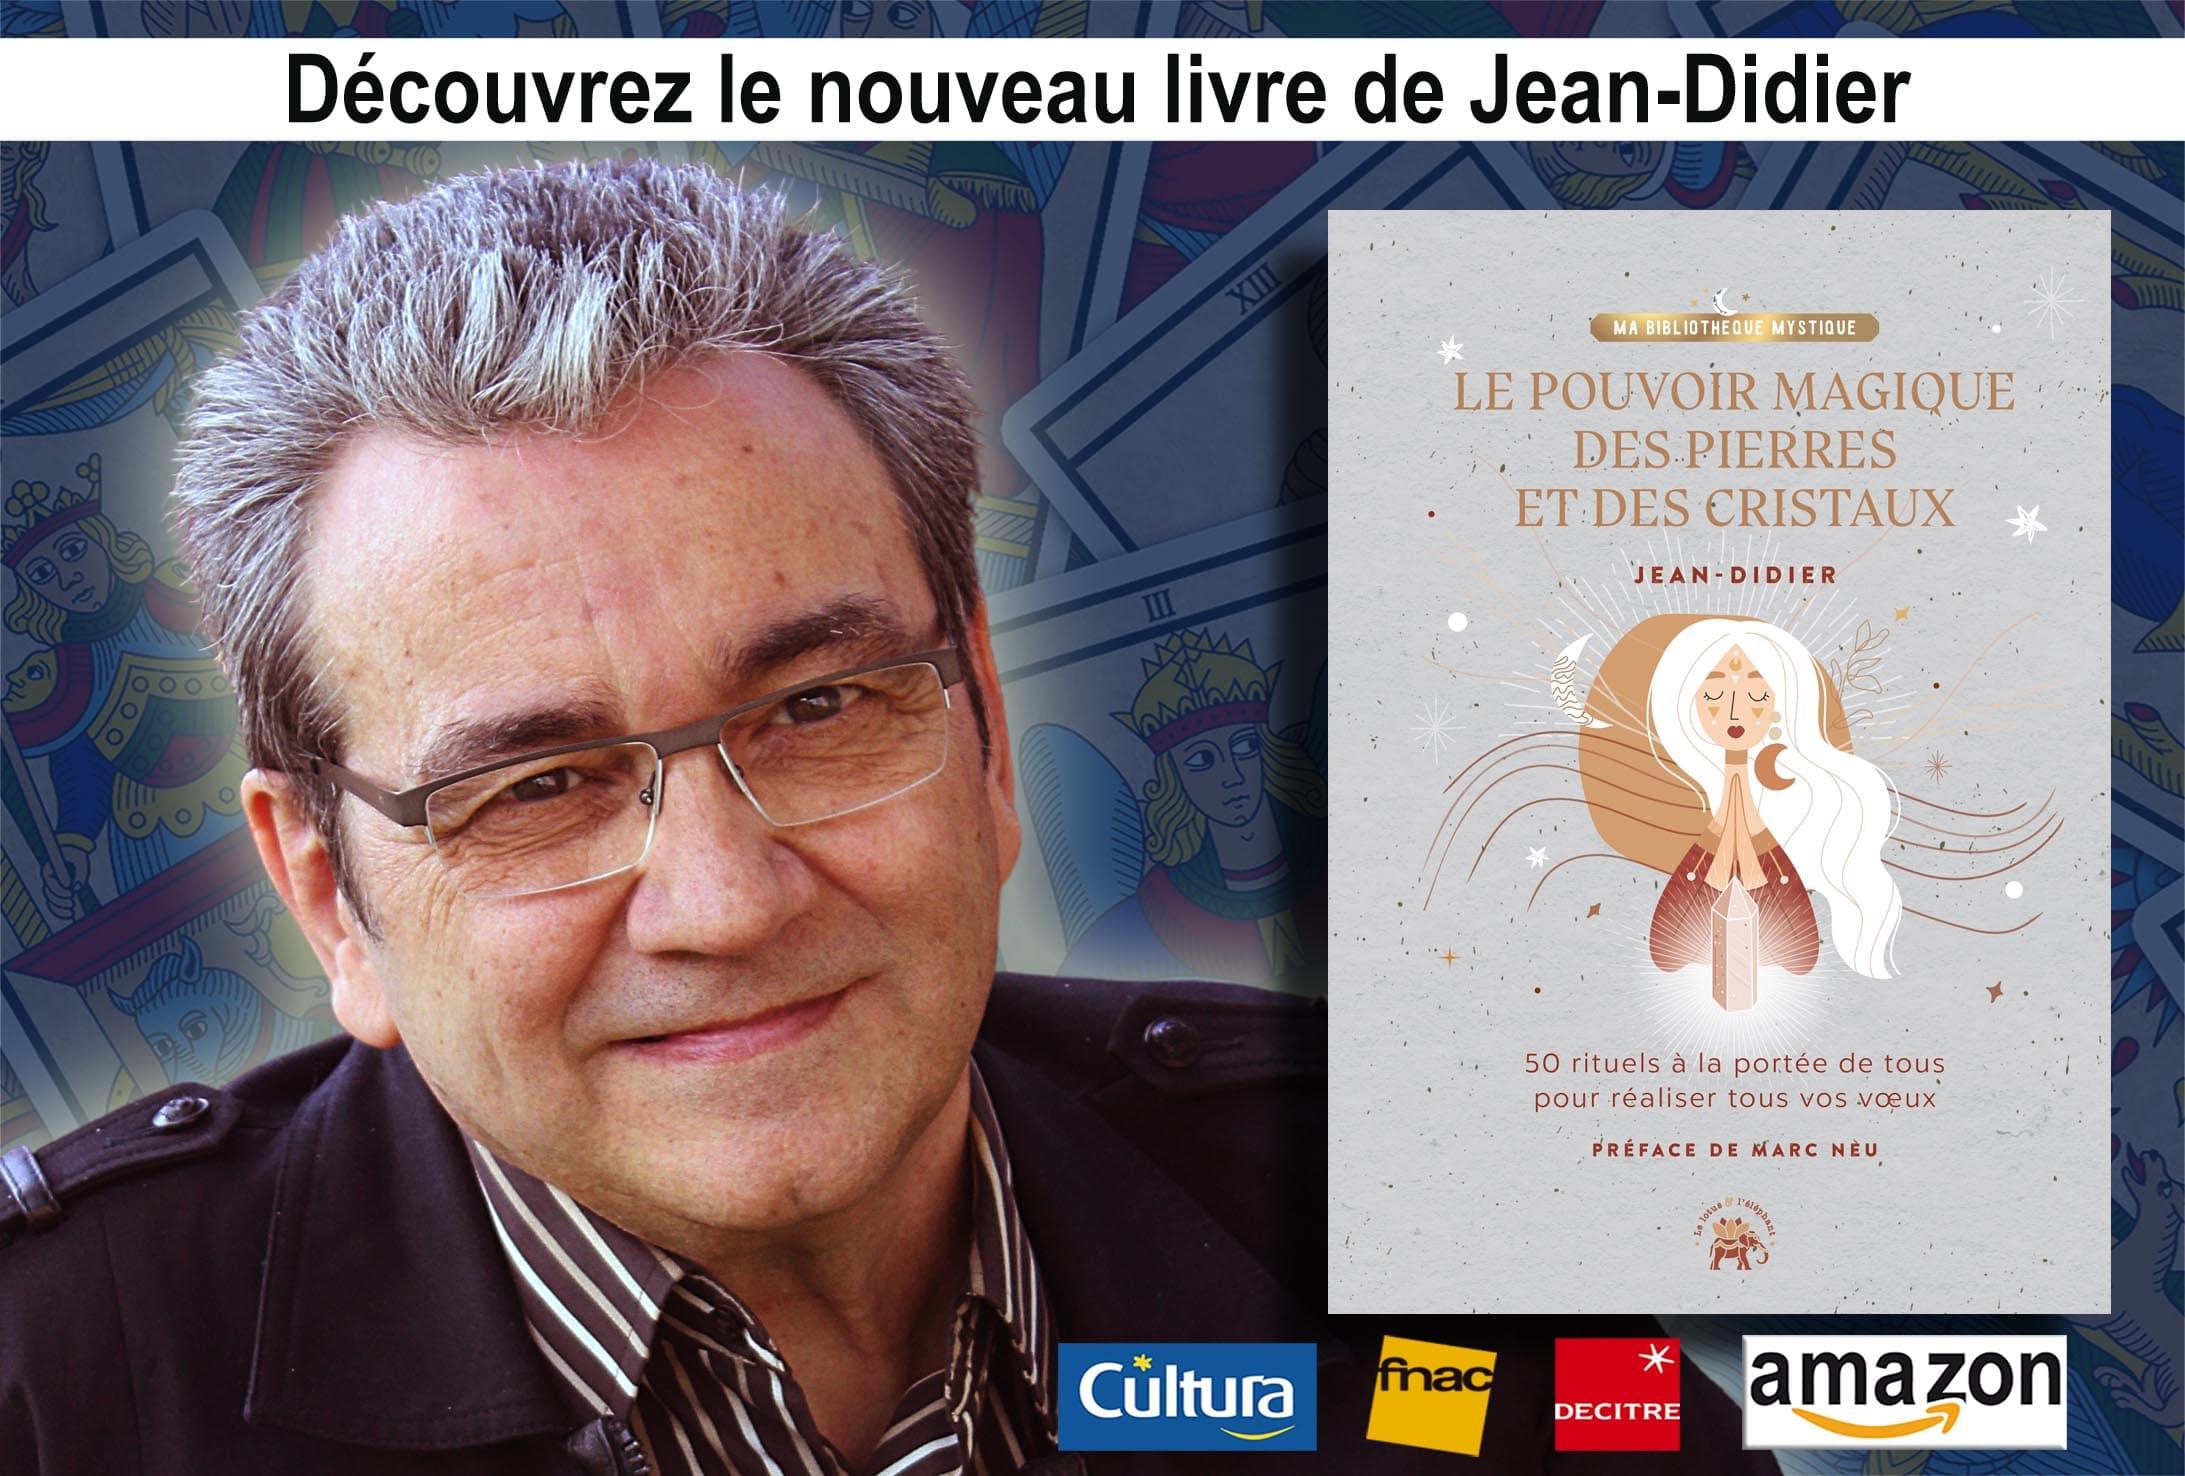 Jean-Didier nous parle de son nouveau livre : Le pouvoir magique des pierres et des cristaux dans le magazine Infinità de Sophie Vitali